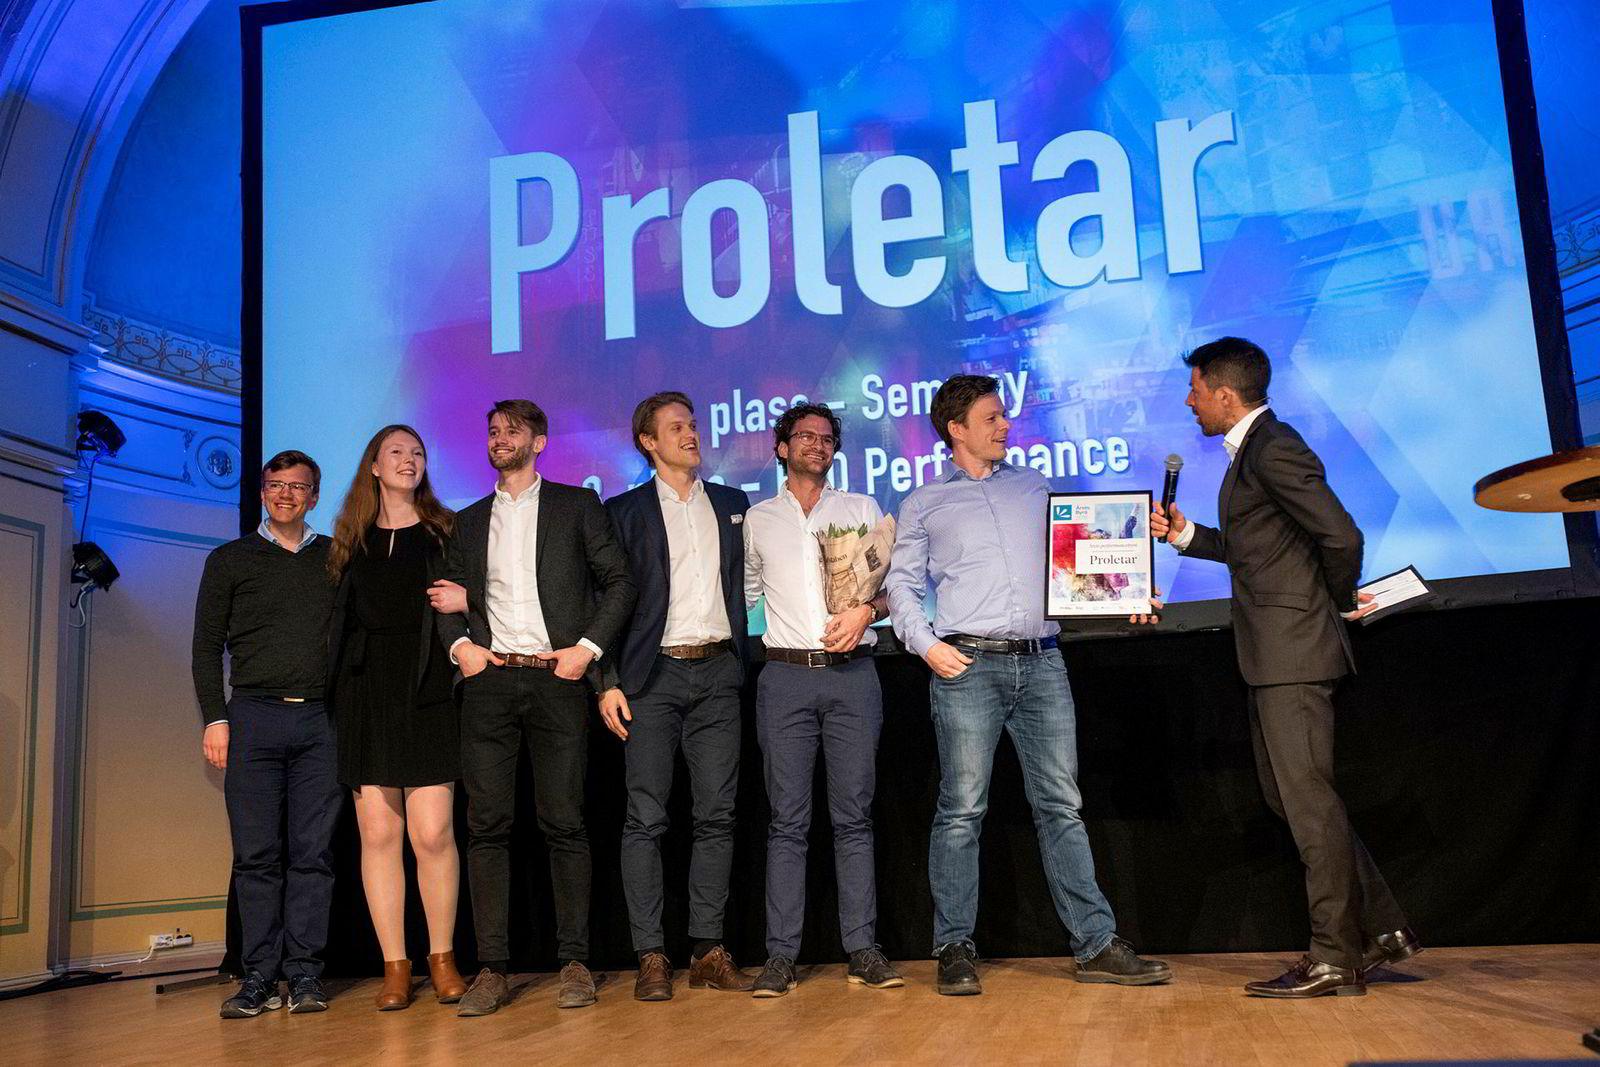 Proletar vant årets byrå i Performance-kategorien 10. april. Her blir daglig leder og partner Geirr Lødemel Tvedt intervjuet på scenen av konferansier Nils-Ingar Aadne.